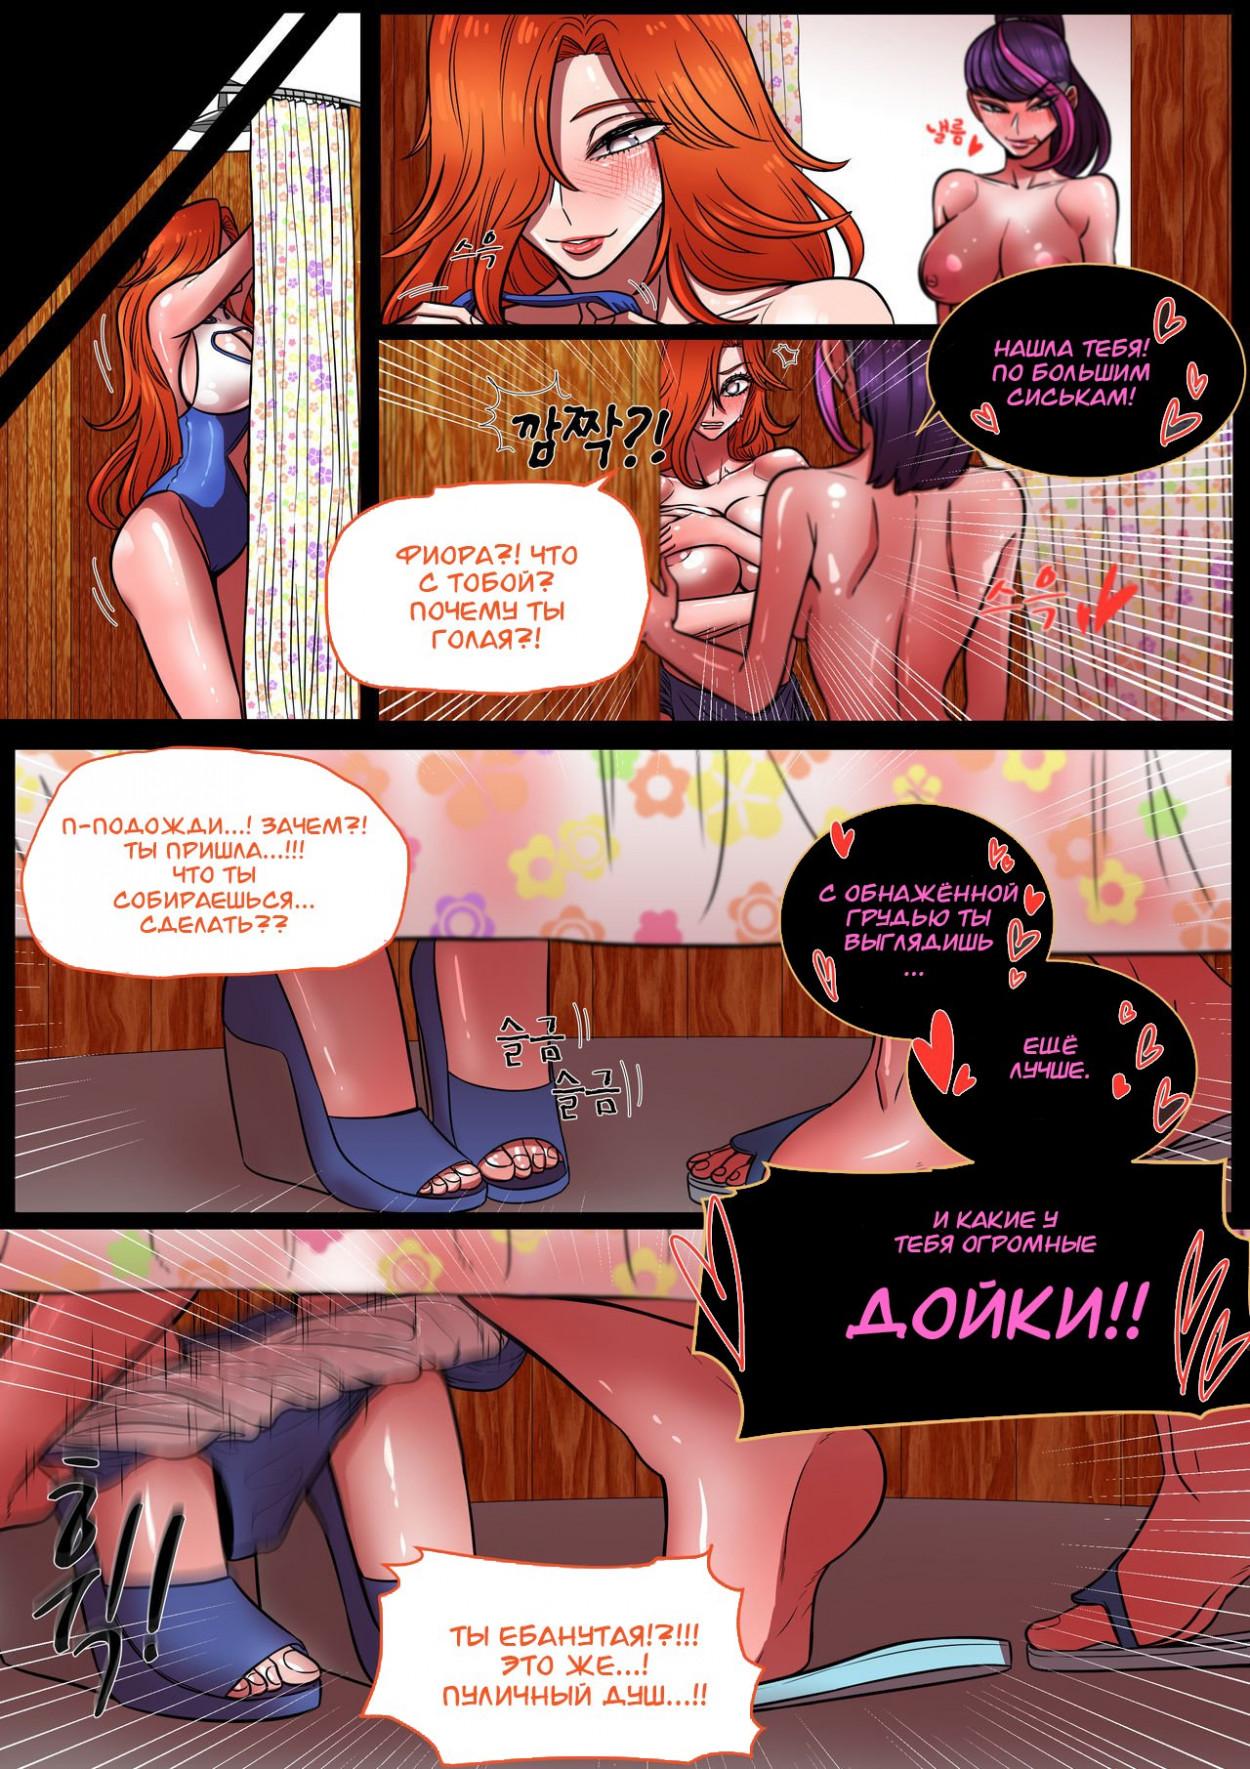 Значит Фиора? - Порно комиксы на русском Без цензуры, Большая грудь, Измена, Лесбиянки, Мастурбация